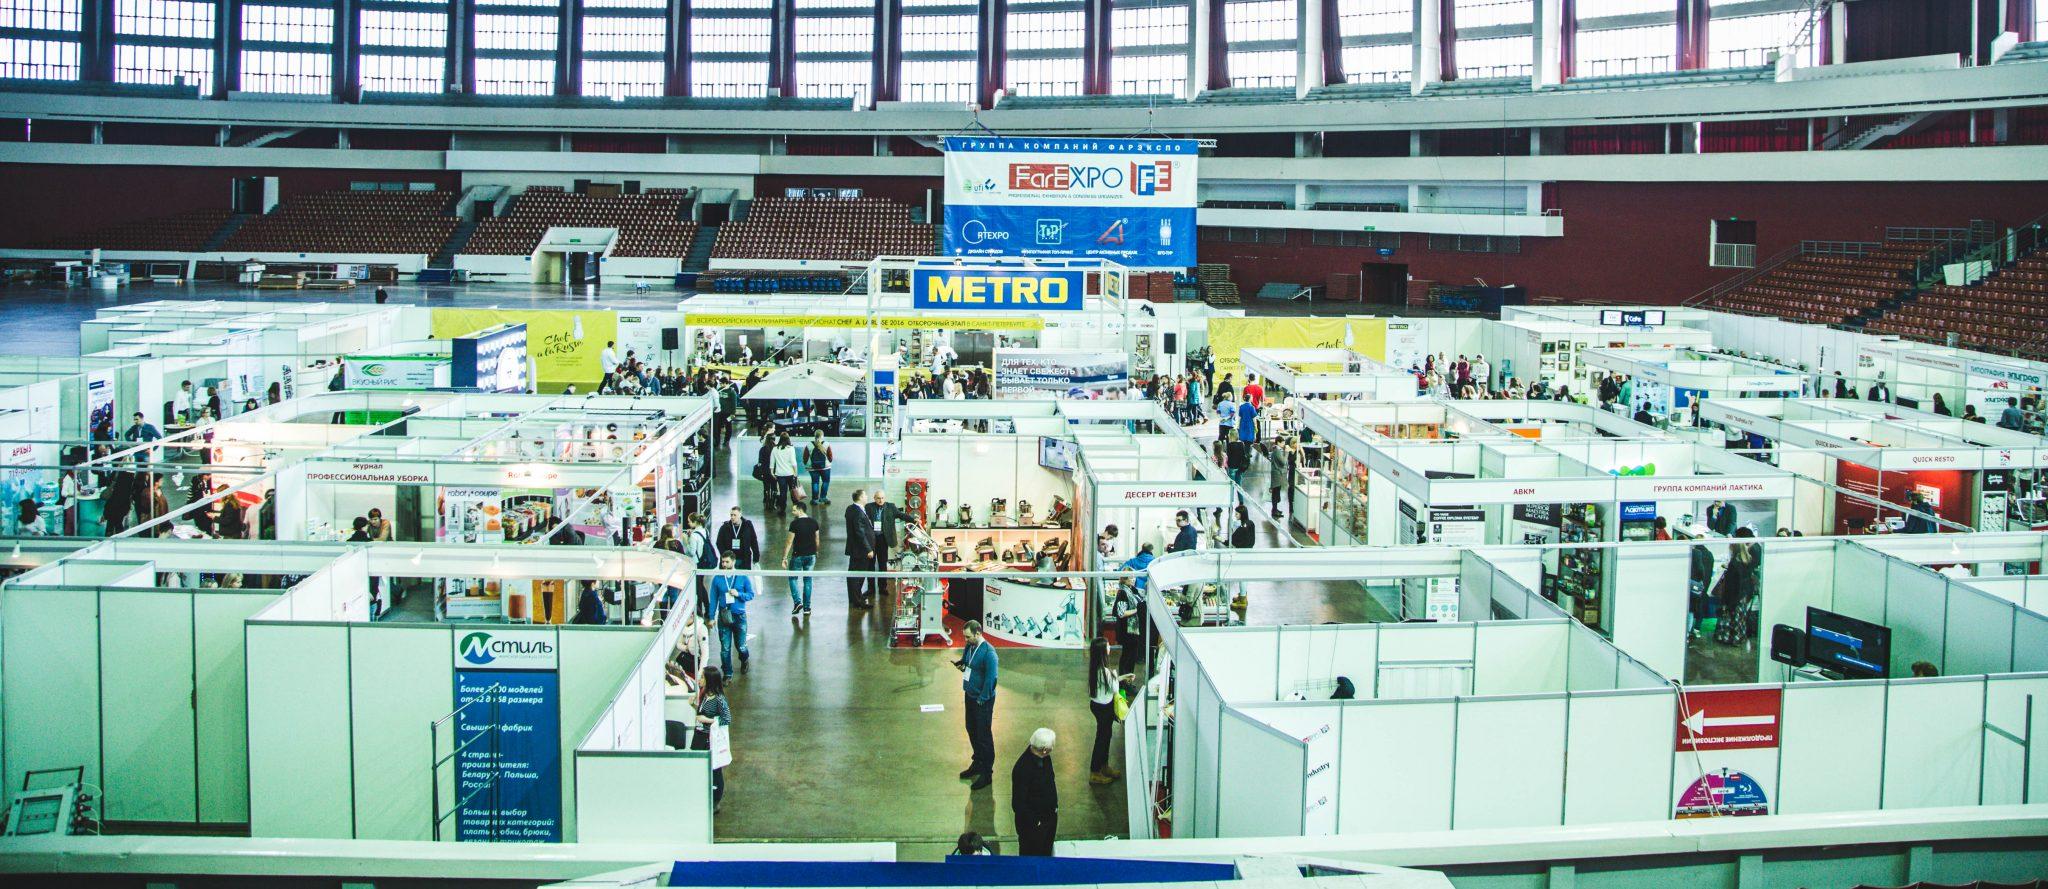 ExpoHoReCa 2017 Comes to Saint Petersburg in March